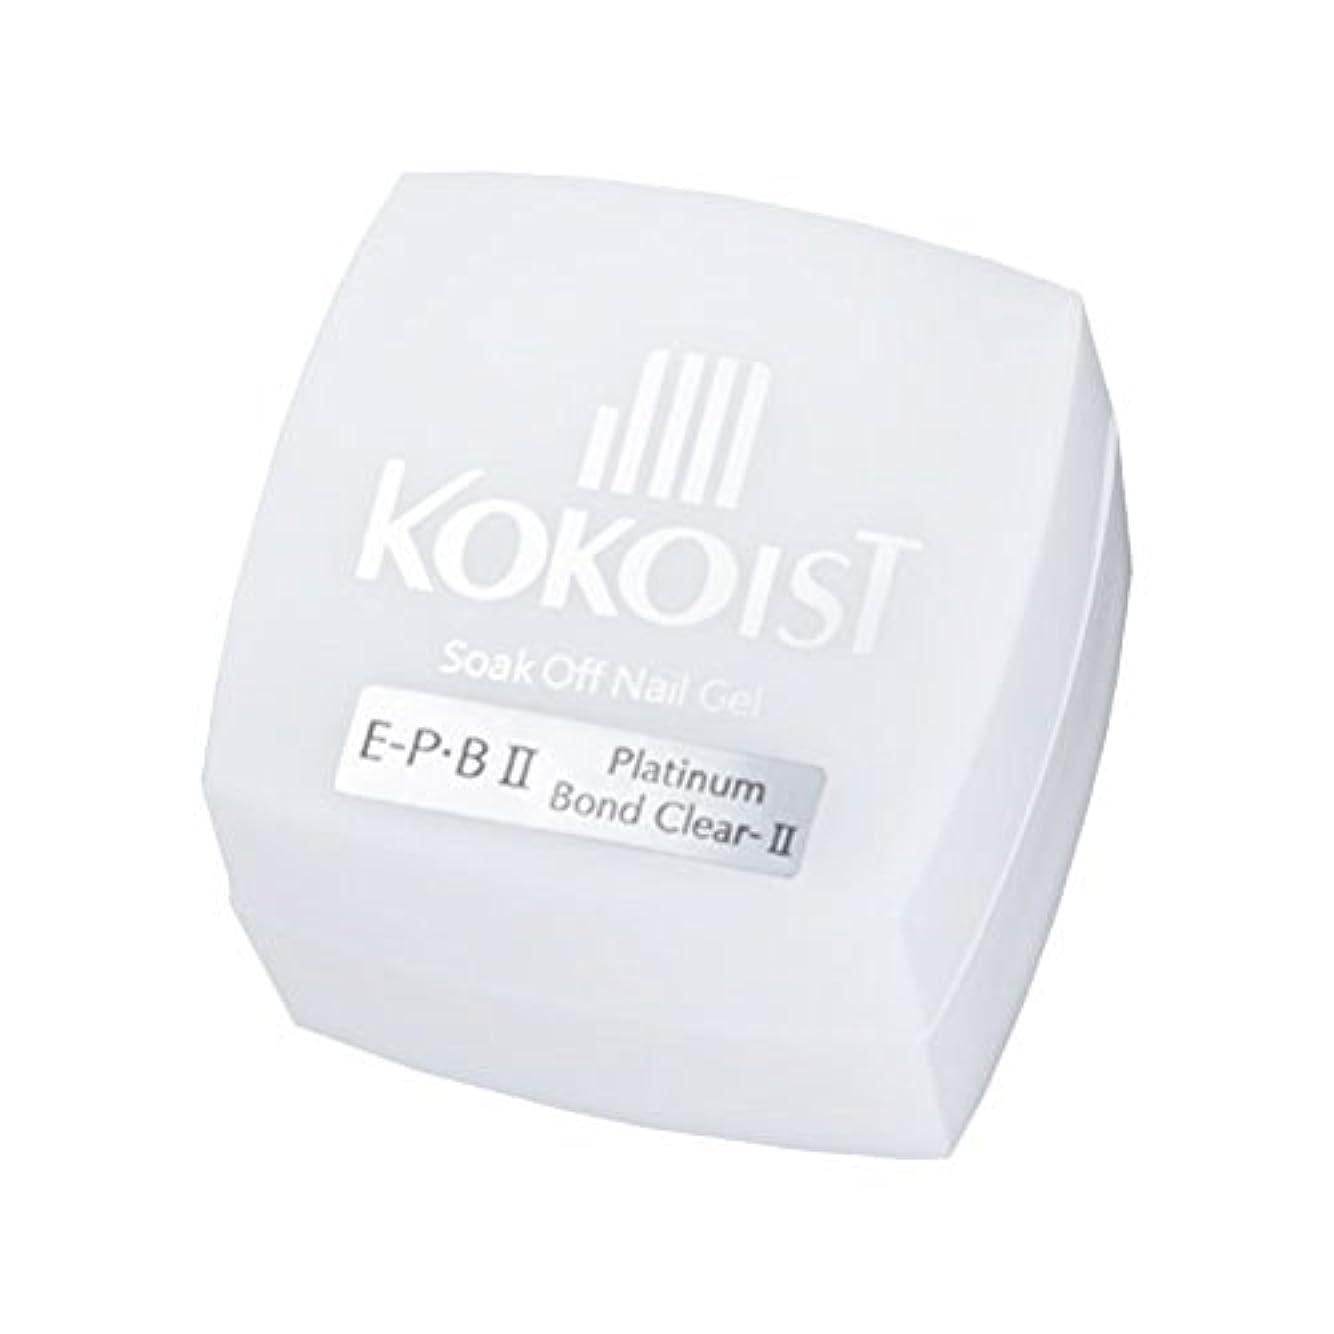 コミュニティ文房具ベーシックKOKOIST フ゜ラチナホ゛ント゛II 4g ジェル UV/LED対応